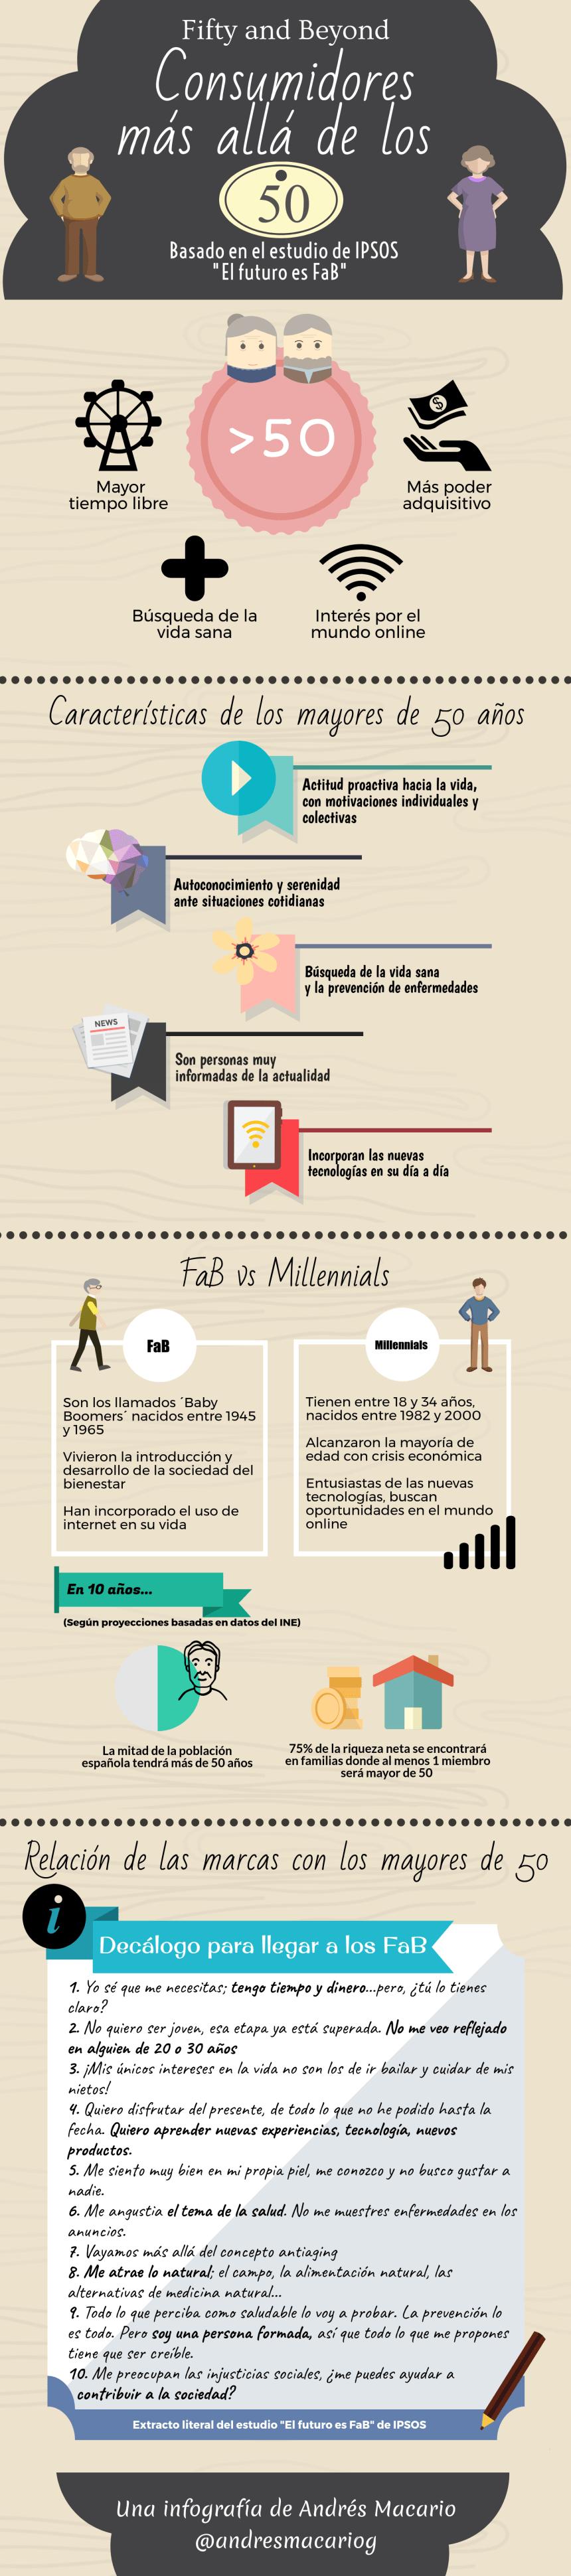 Consumidores más allá de los 50 - Infografía Andrés Macario